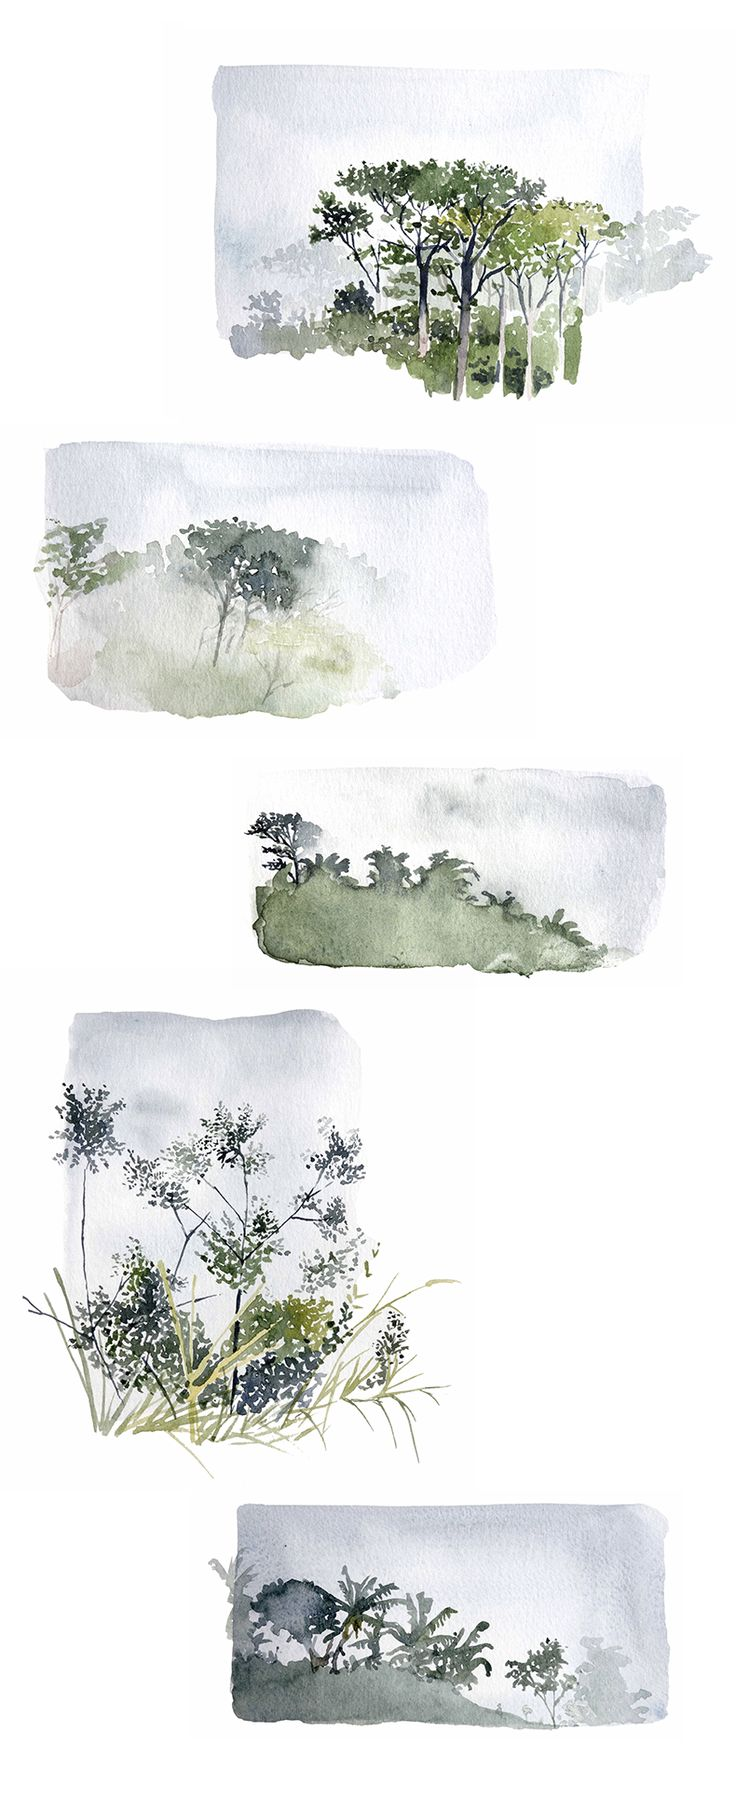 Prête moi tes yeux : le brouillard dans la jungle I